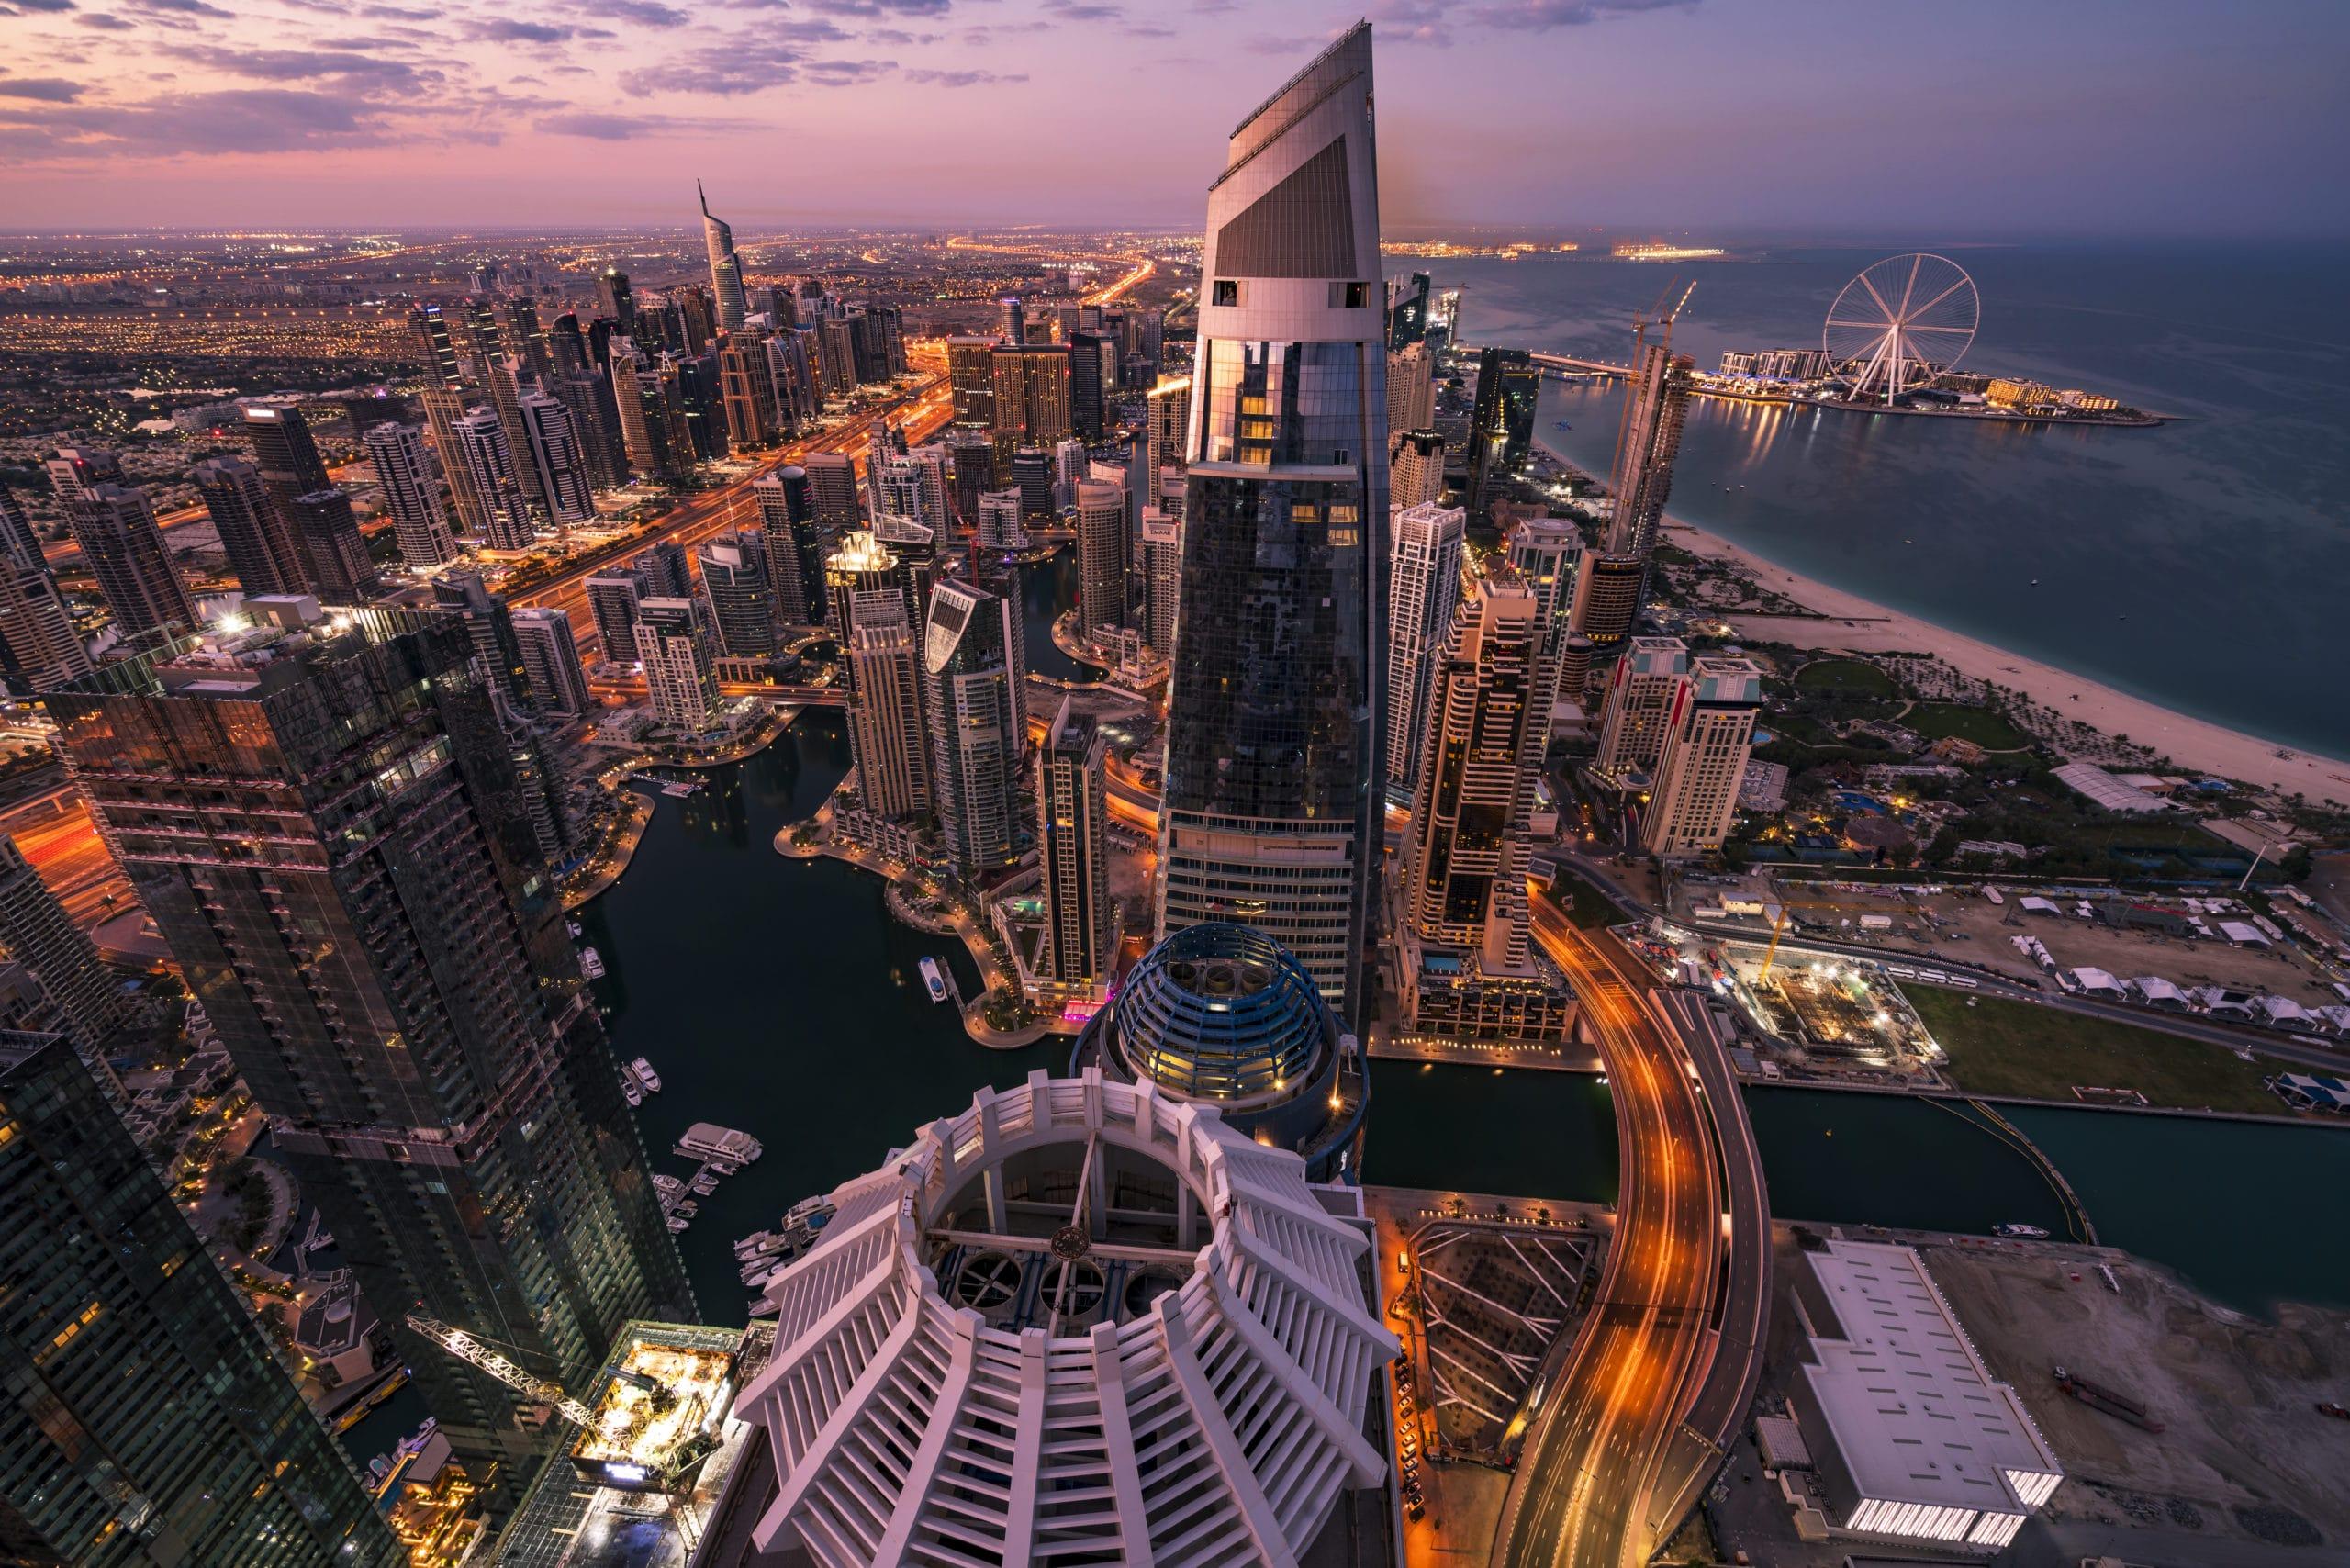 City skyline in Dubai